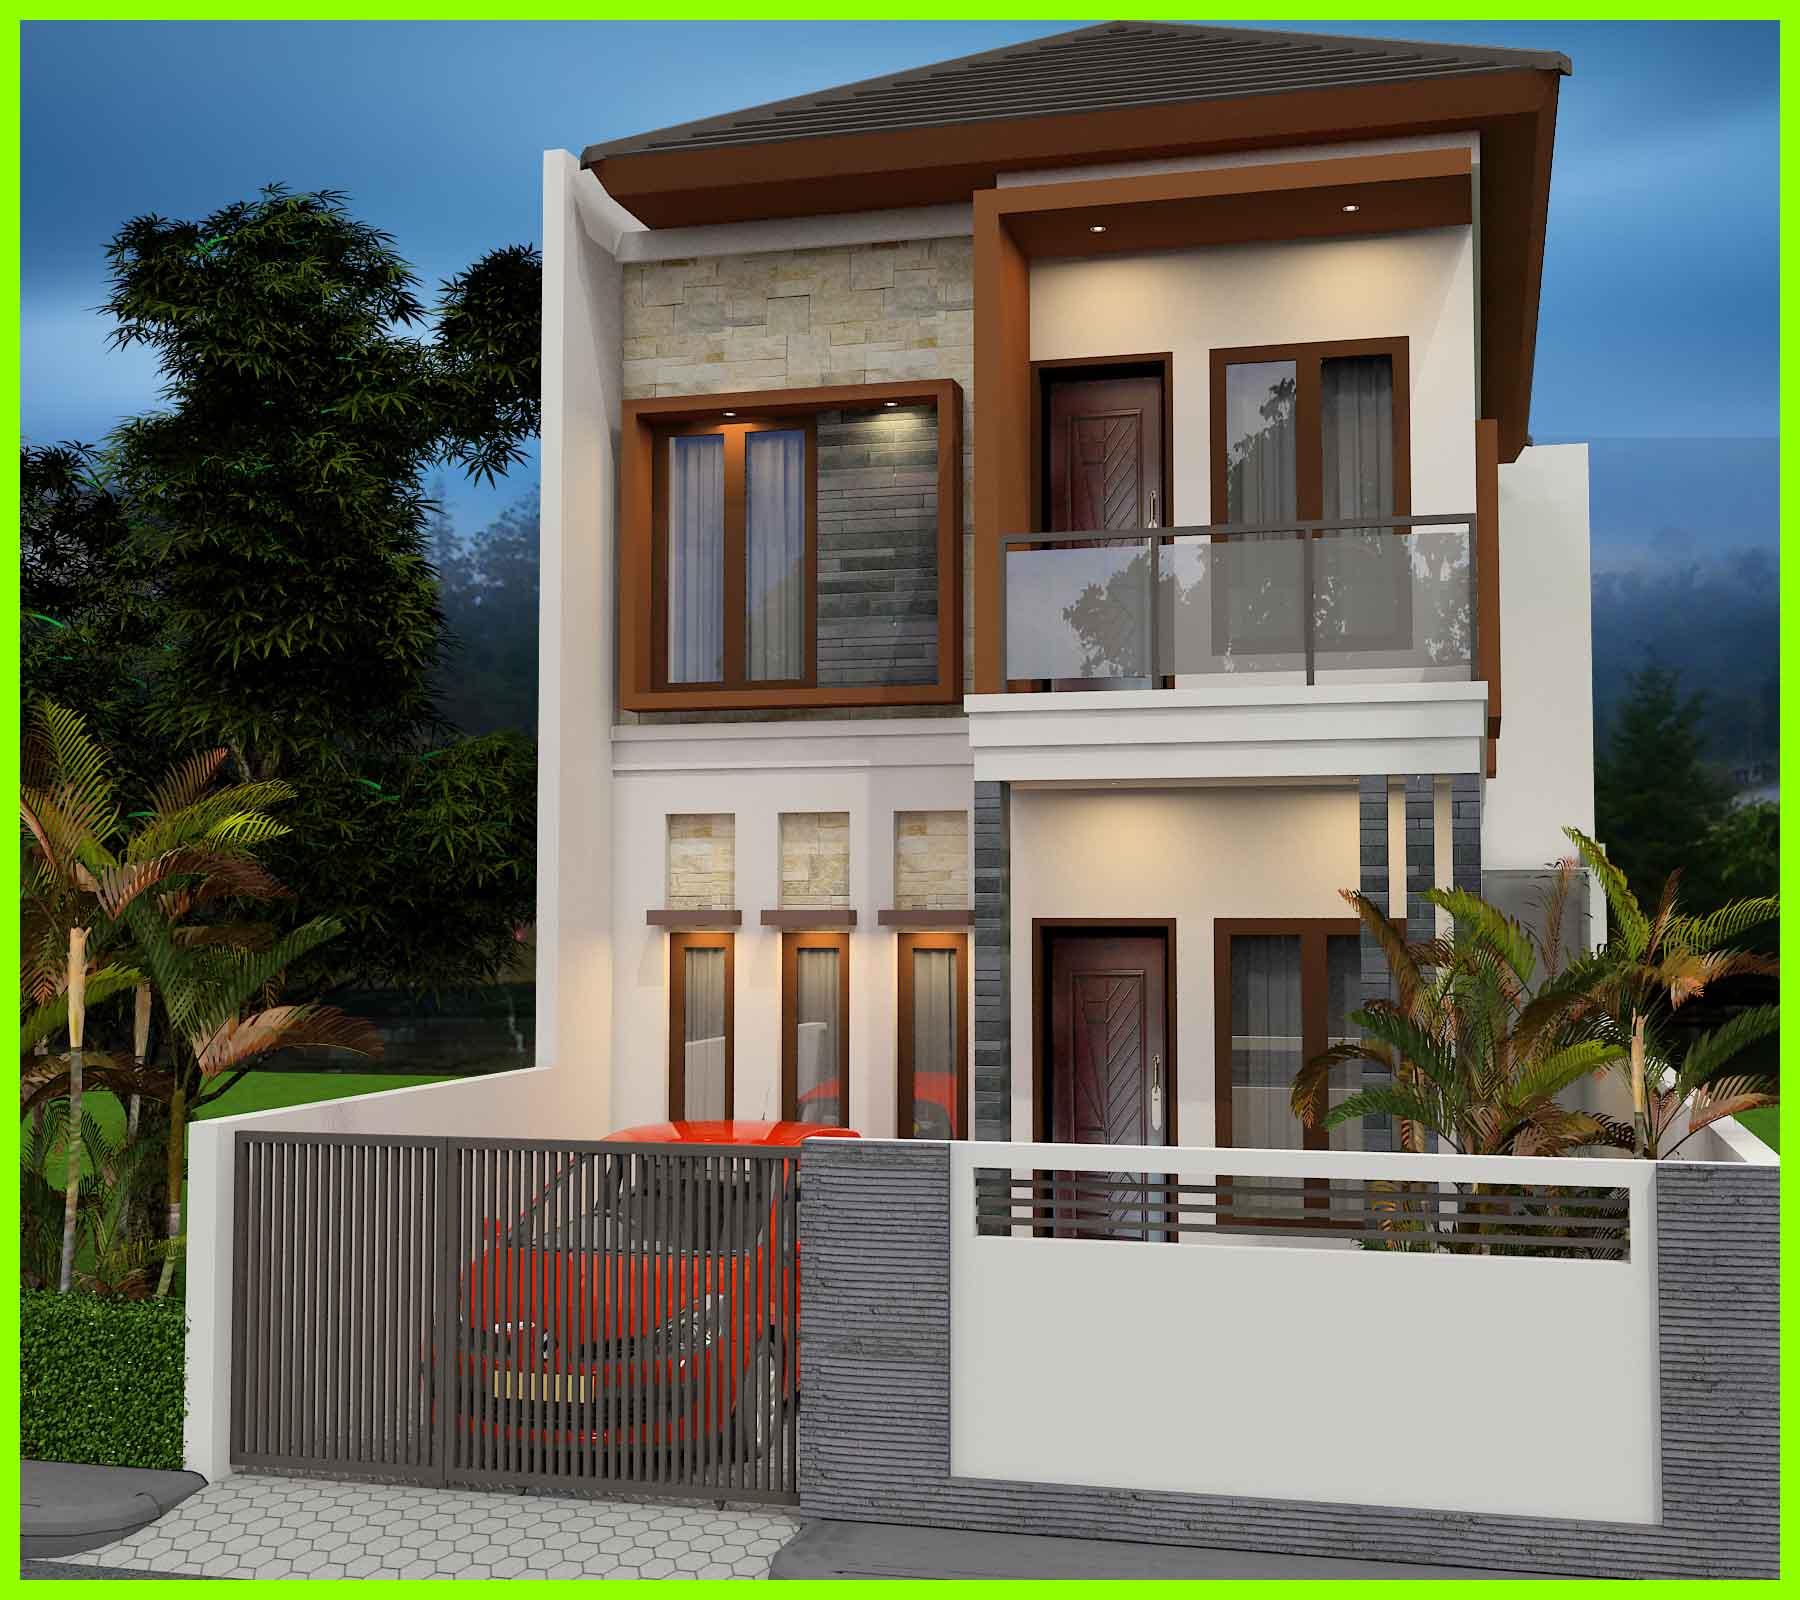 10 Contoh Desain Rumah Minimalis  2 Lantai Yang Nampak